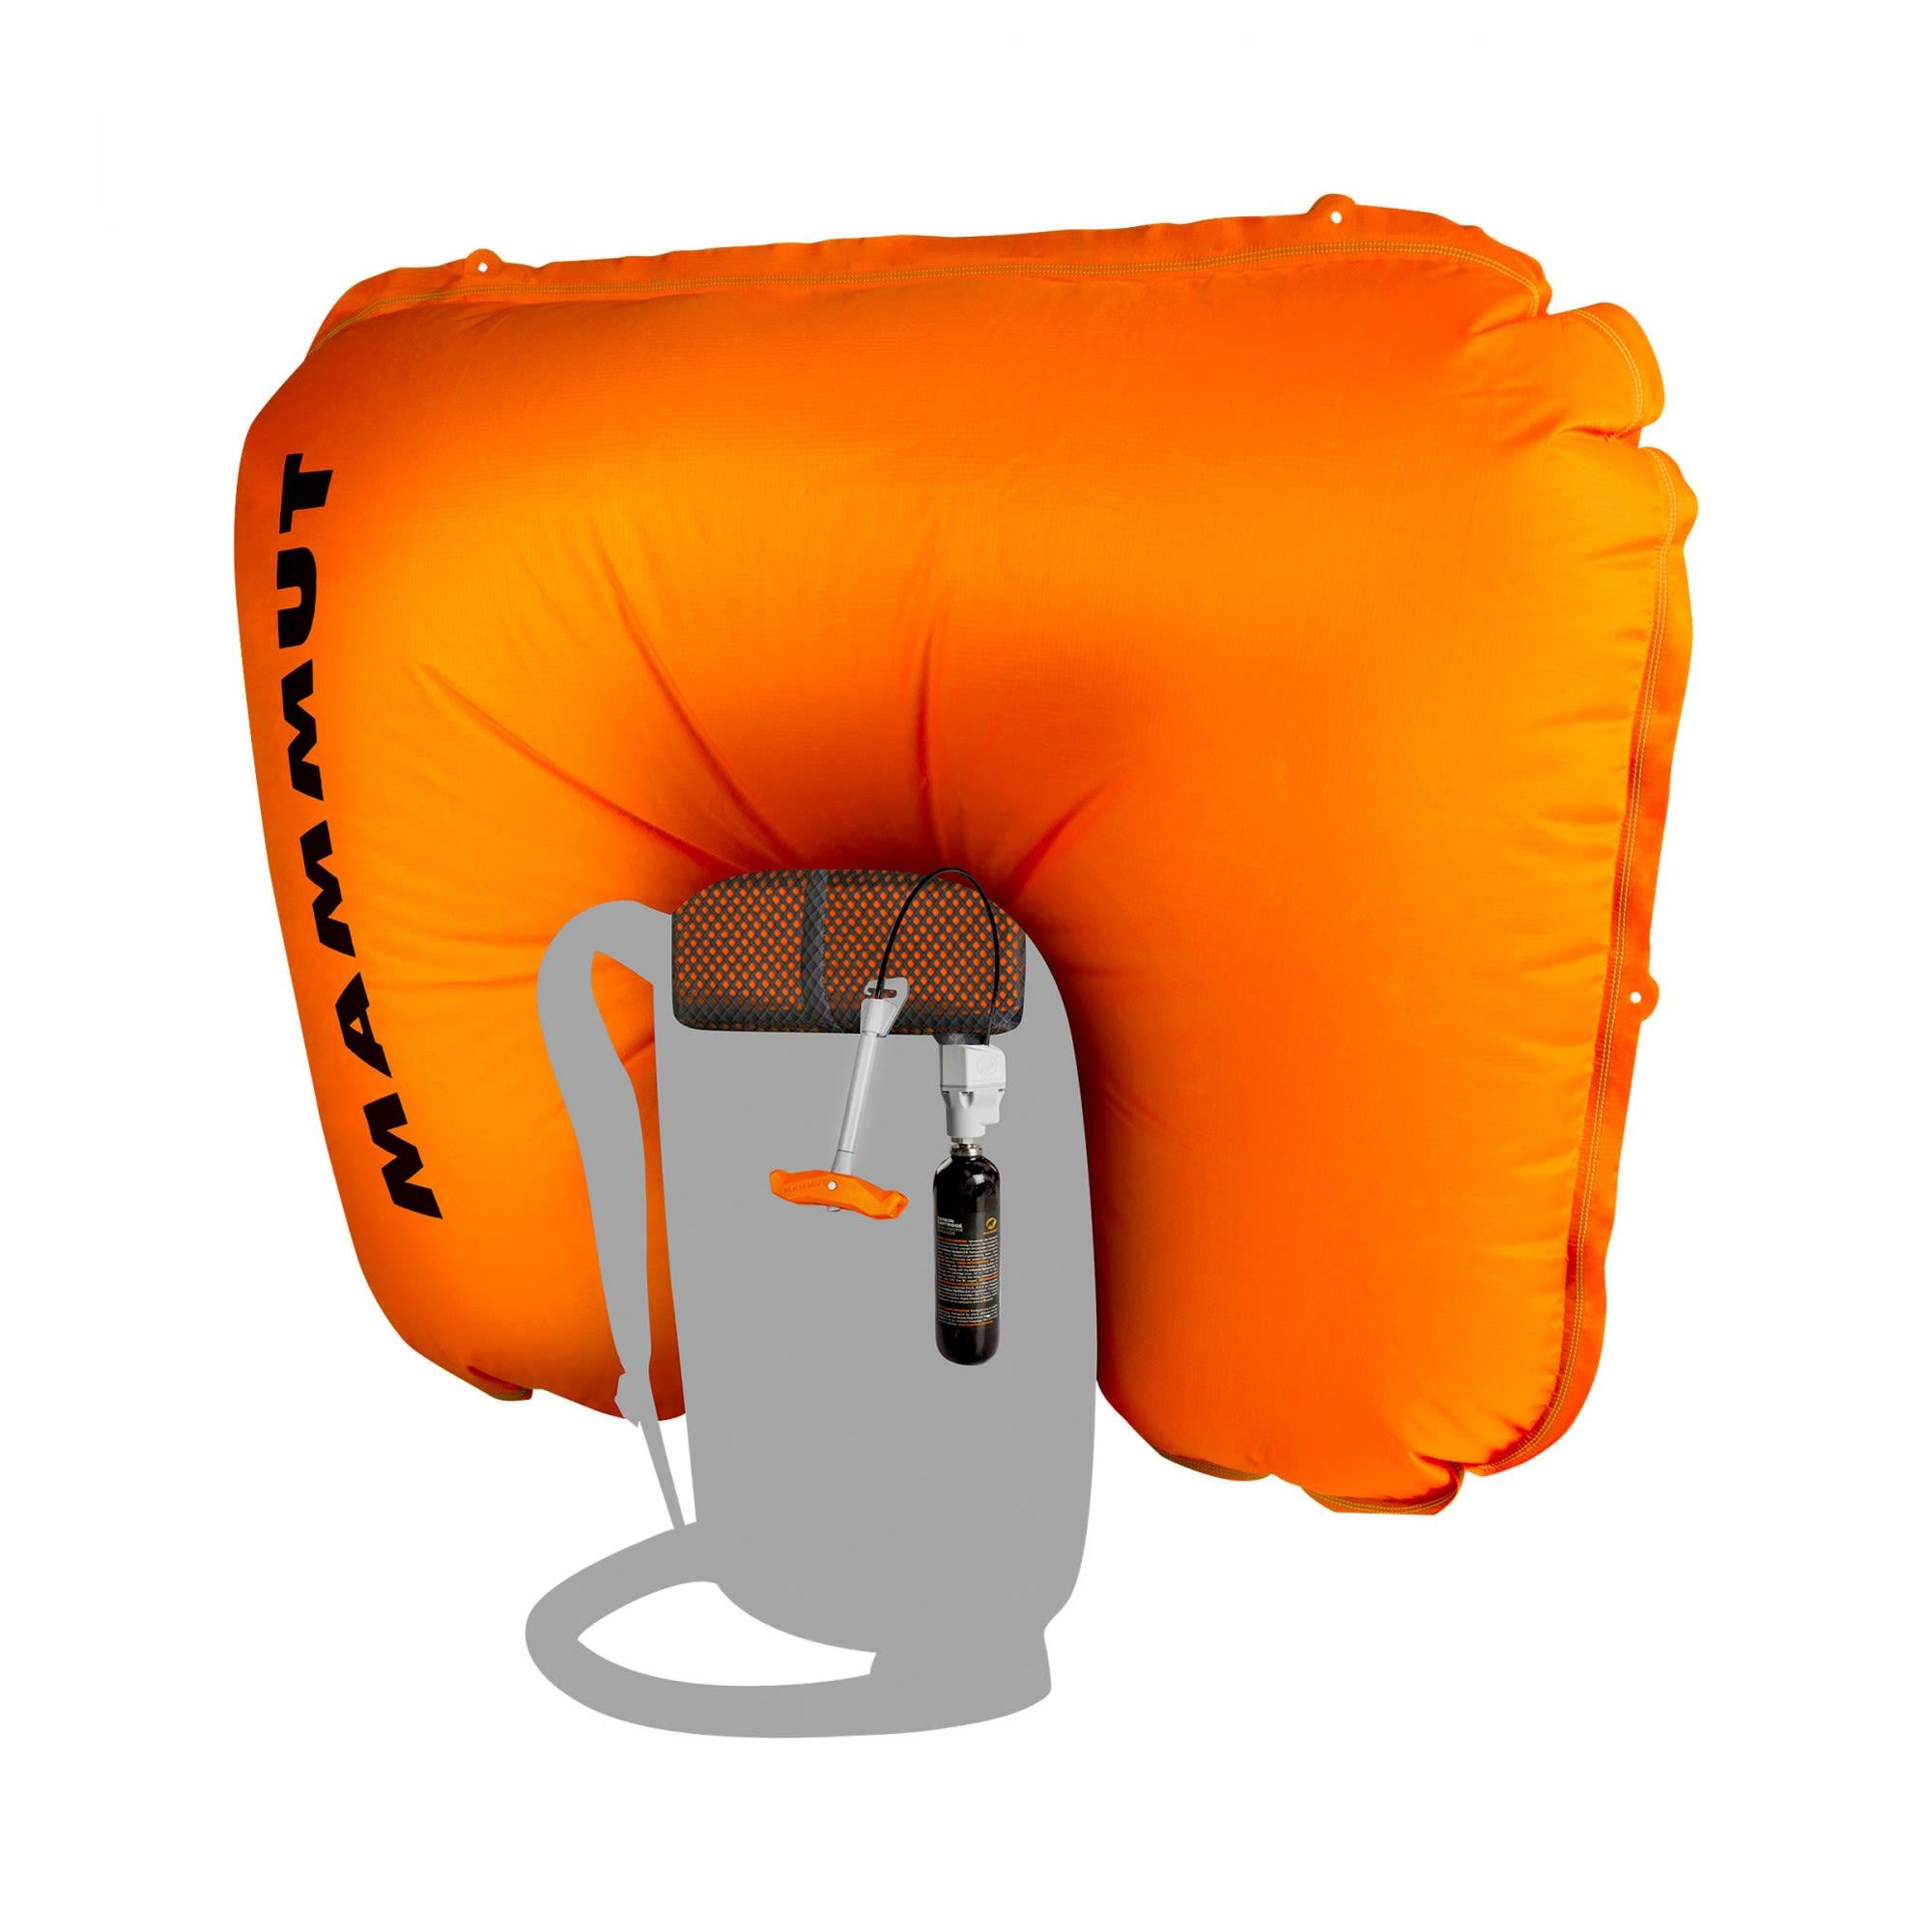 Mammut Removable Airbag System 3.0 | Größe One Size |  Lawinenausrüstungs-Set